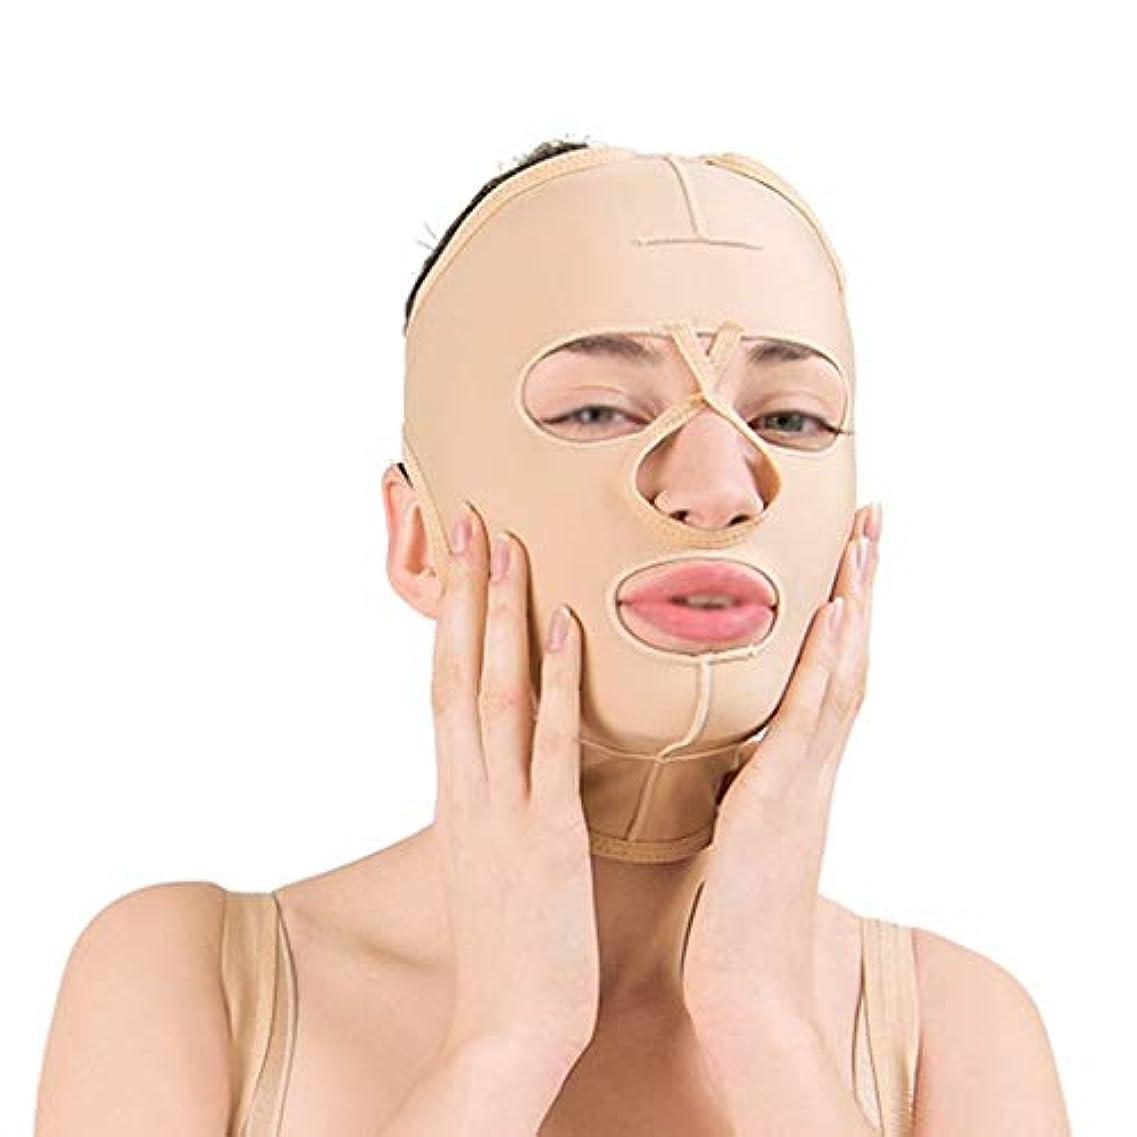 トリクルリマーク絡まるフェイススリミングマスク、フェイスバンデージ付きフェイシャル減量マスク、通気性フェイスリフト、引き締め、フェイスリフティング(サイズ:L),M